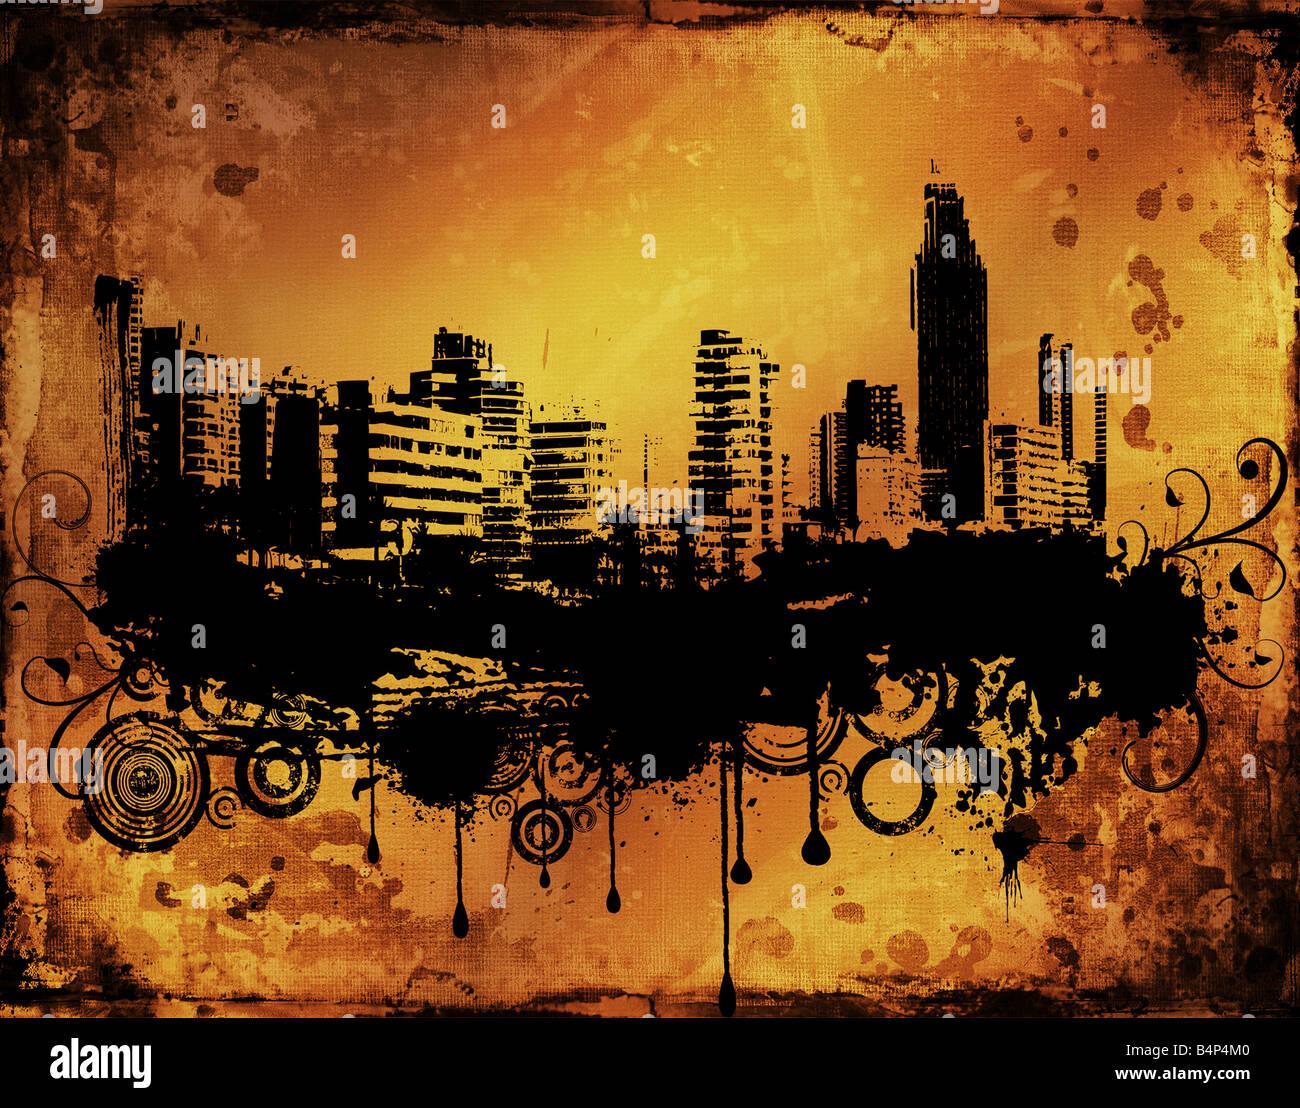 Ciudad urbana escena Grunge antecedentes Imagen De Stock